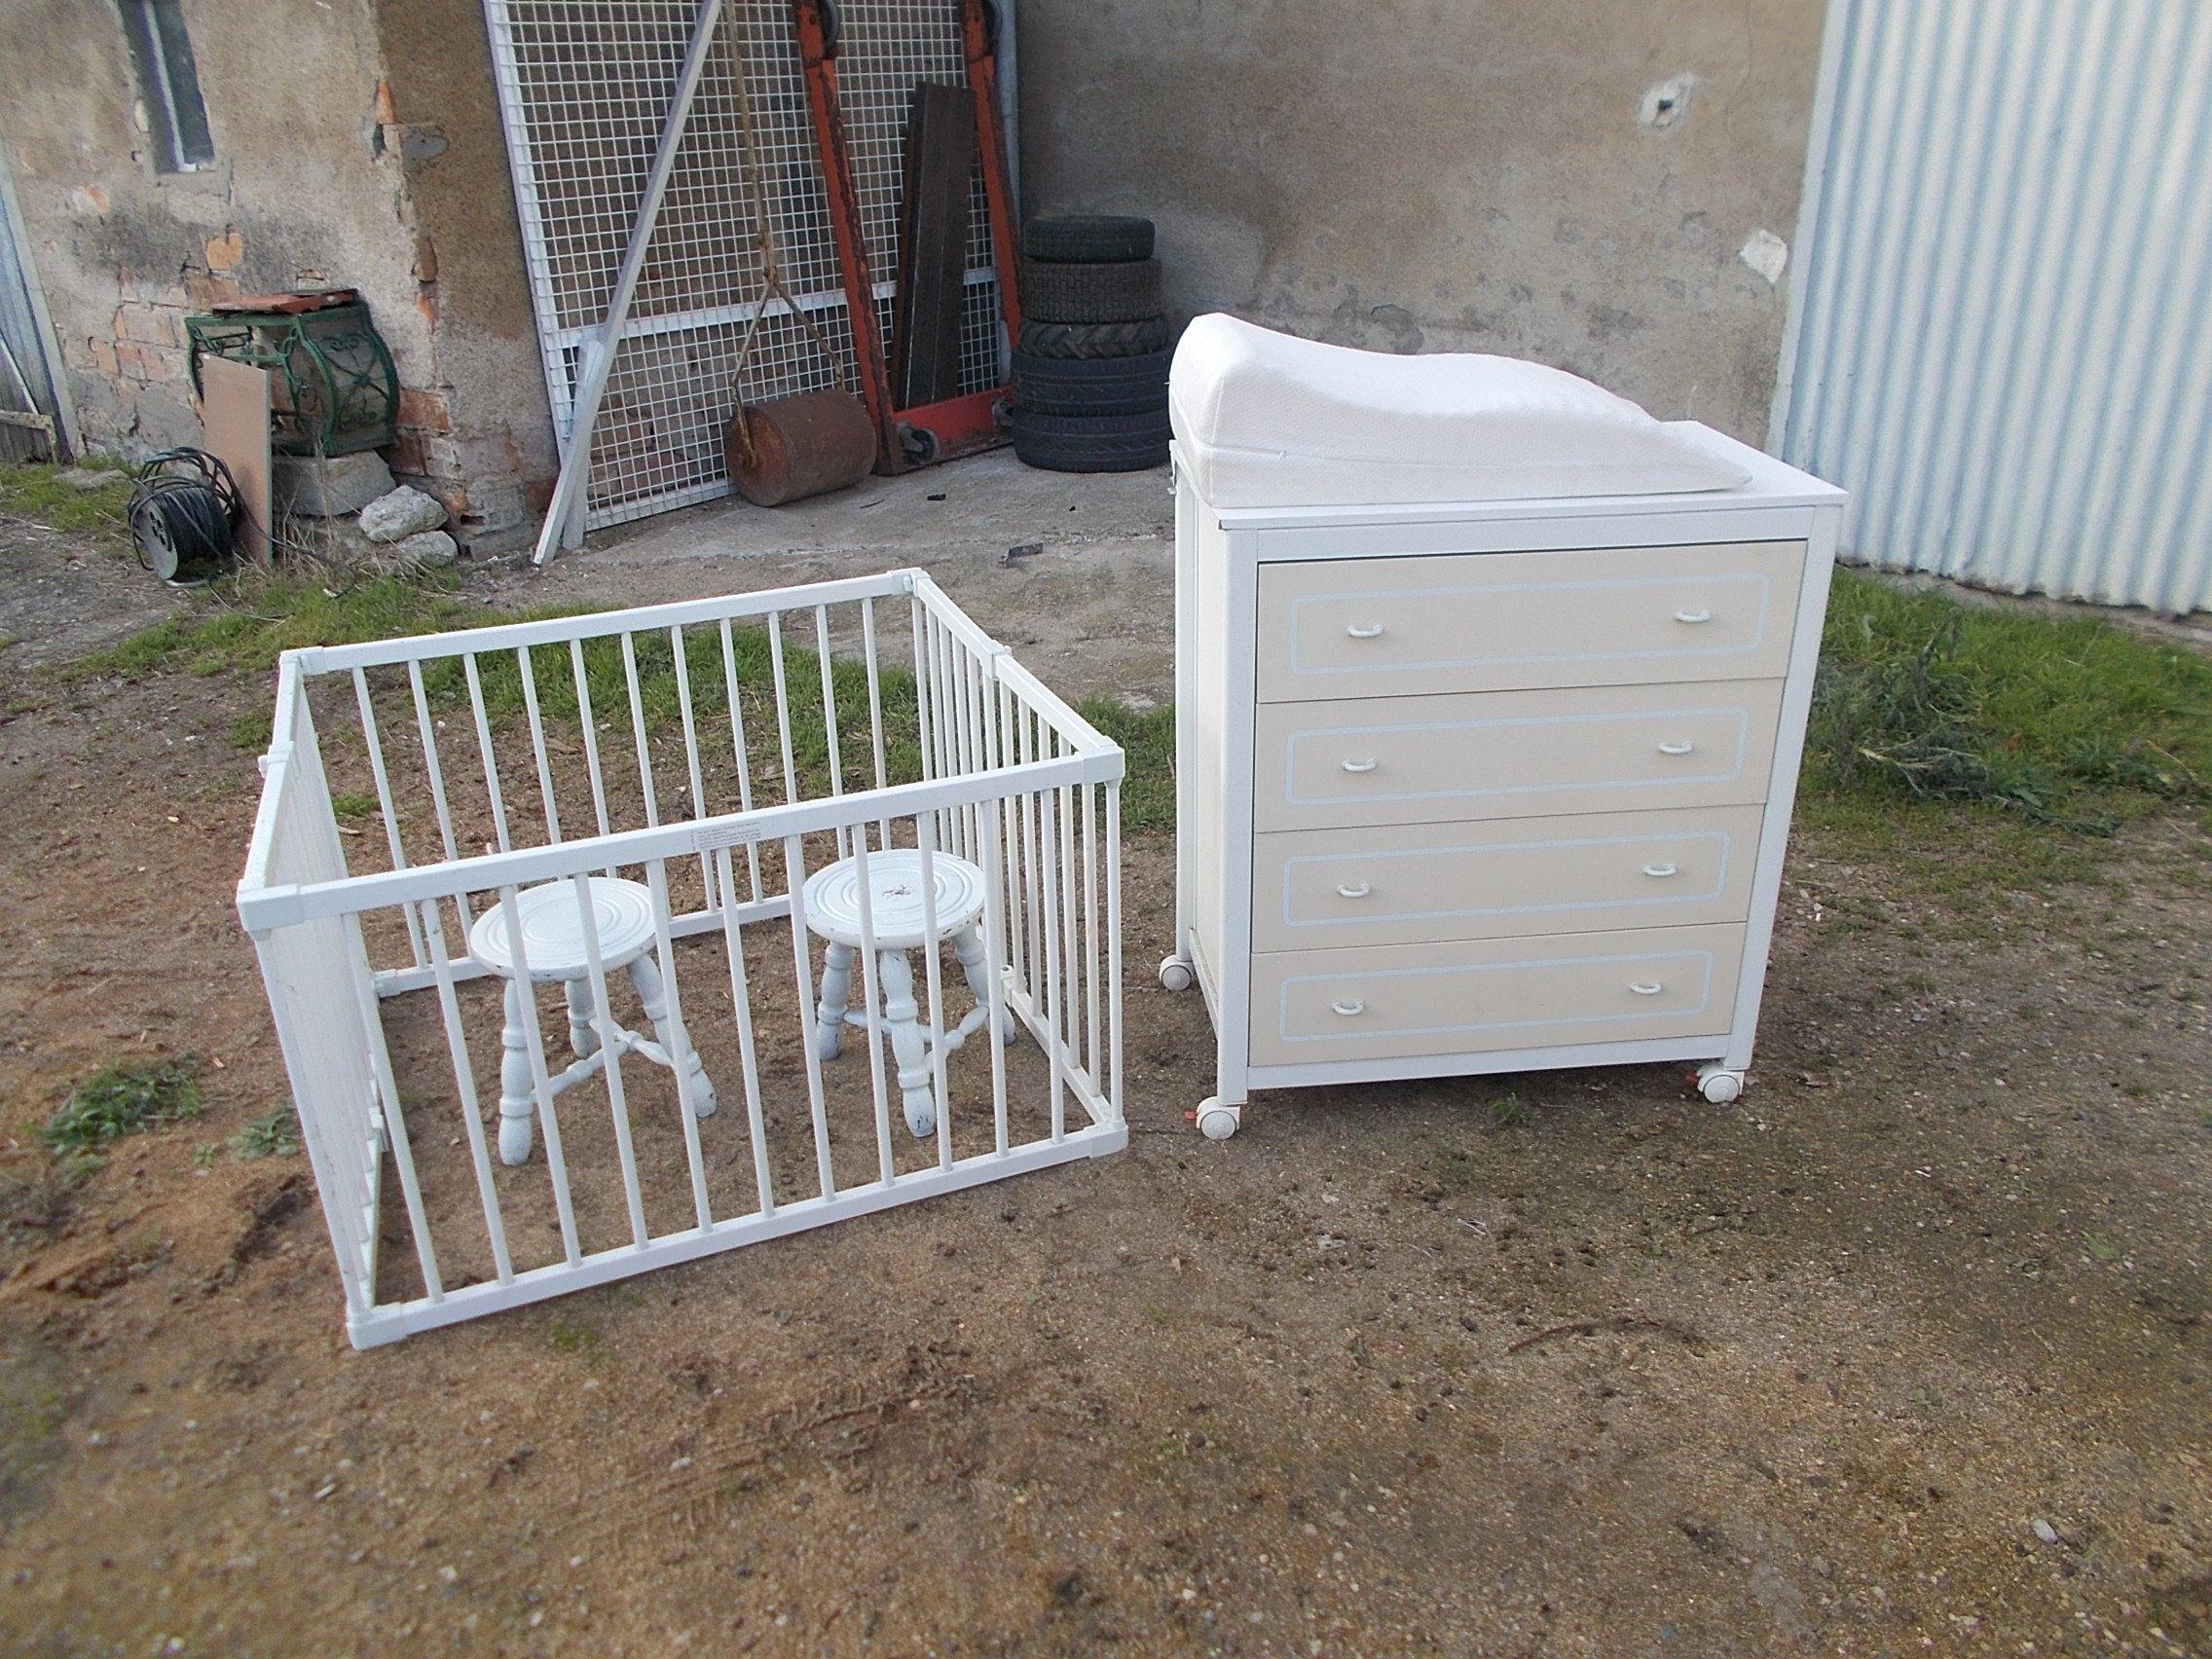 j'ai une commode 4 tiroir  + un parc  faire offre de  prix  0 Saran (45)